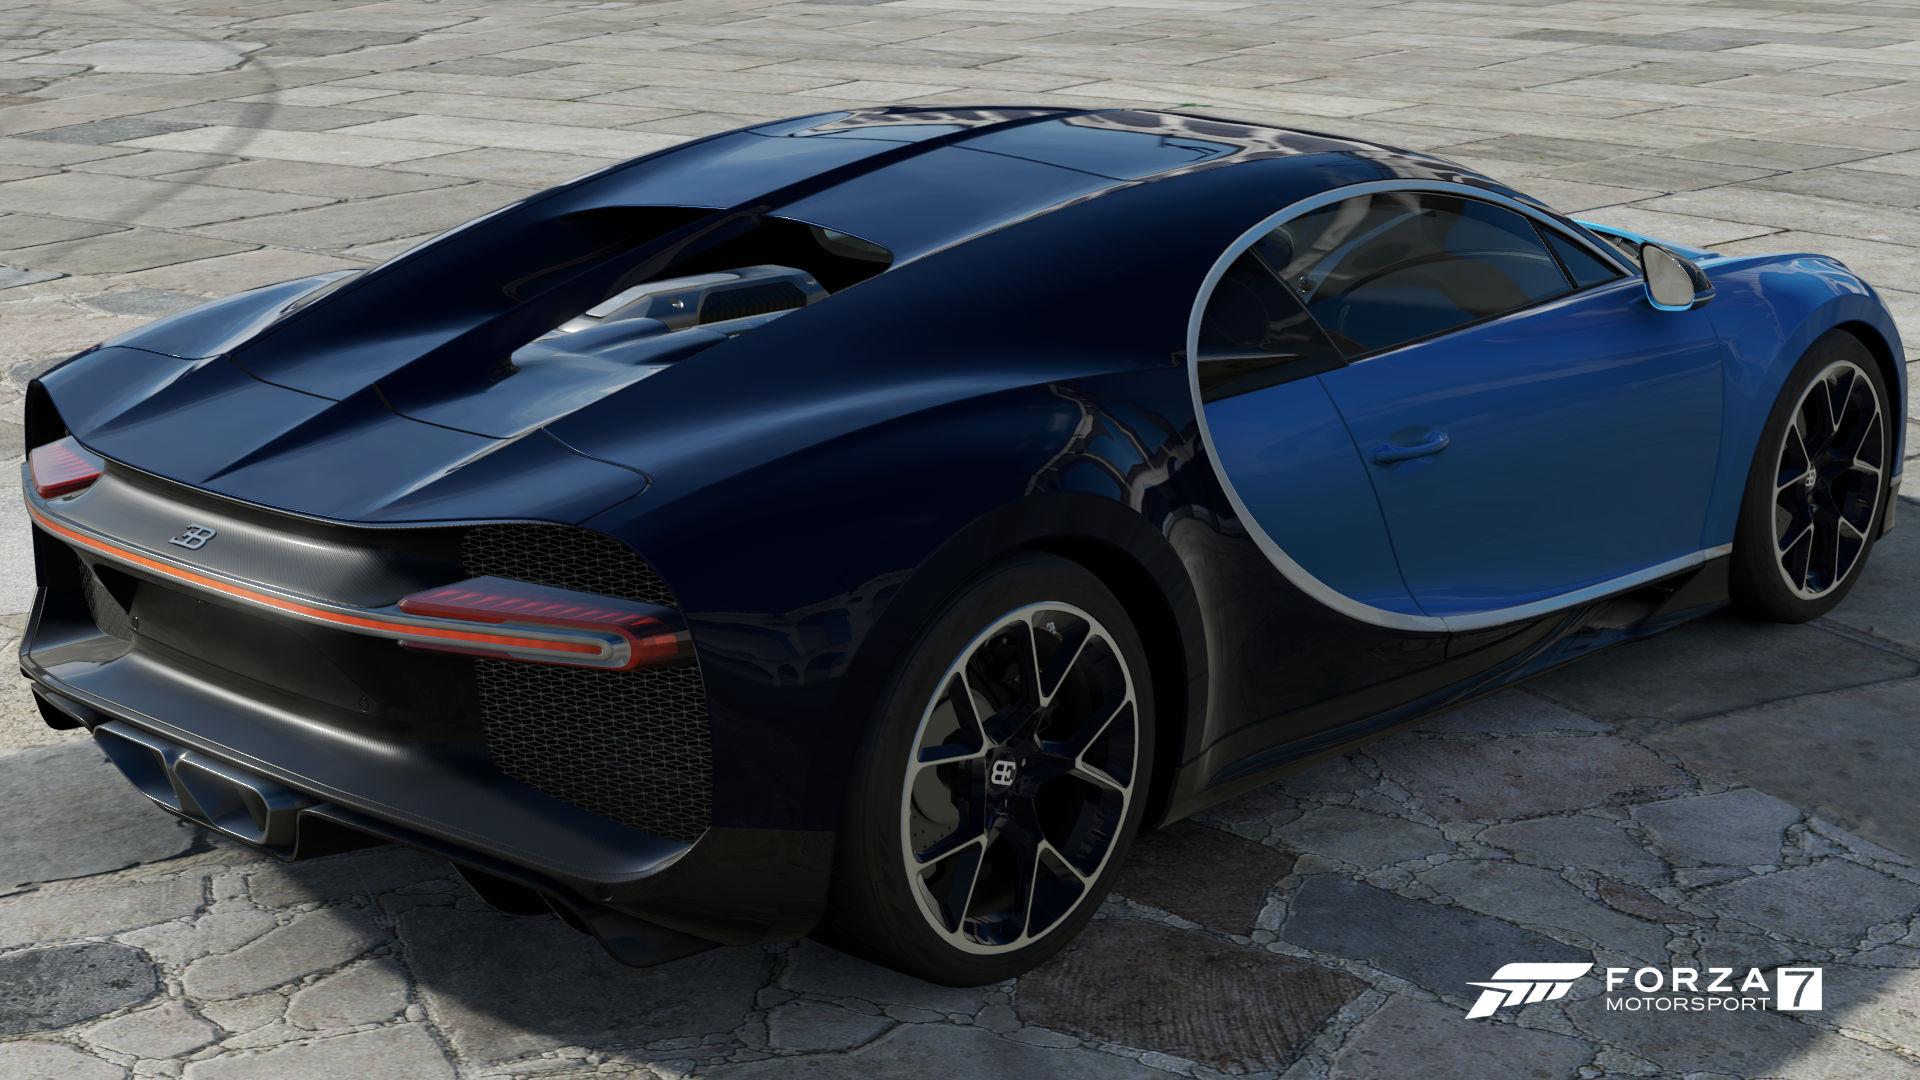 FM7 Bugatti Chiron Rear